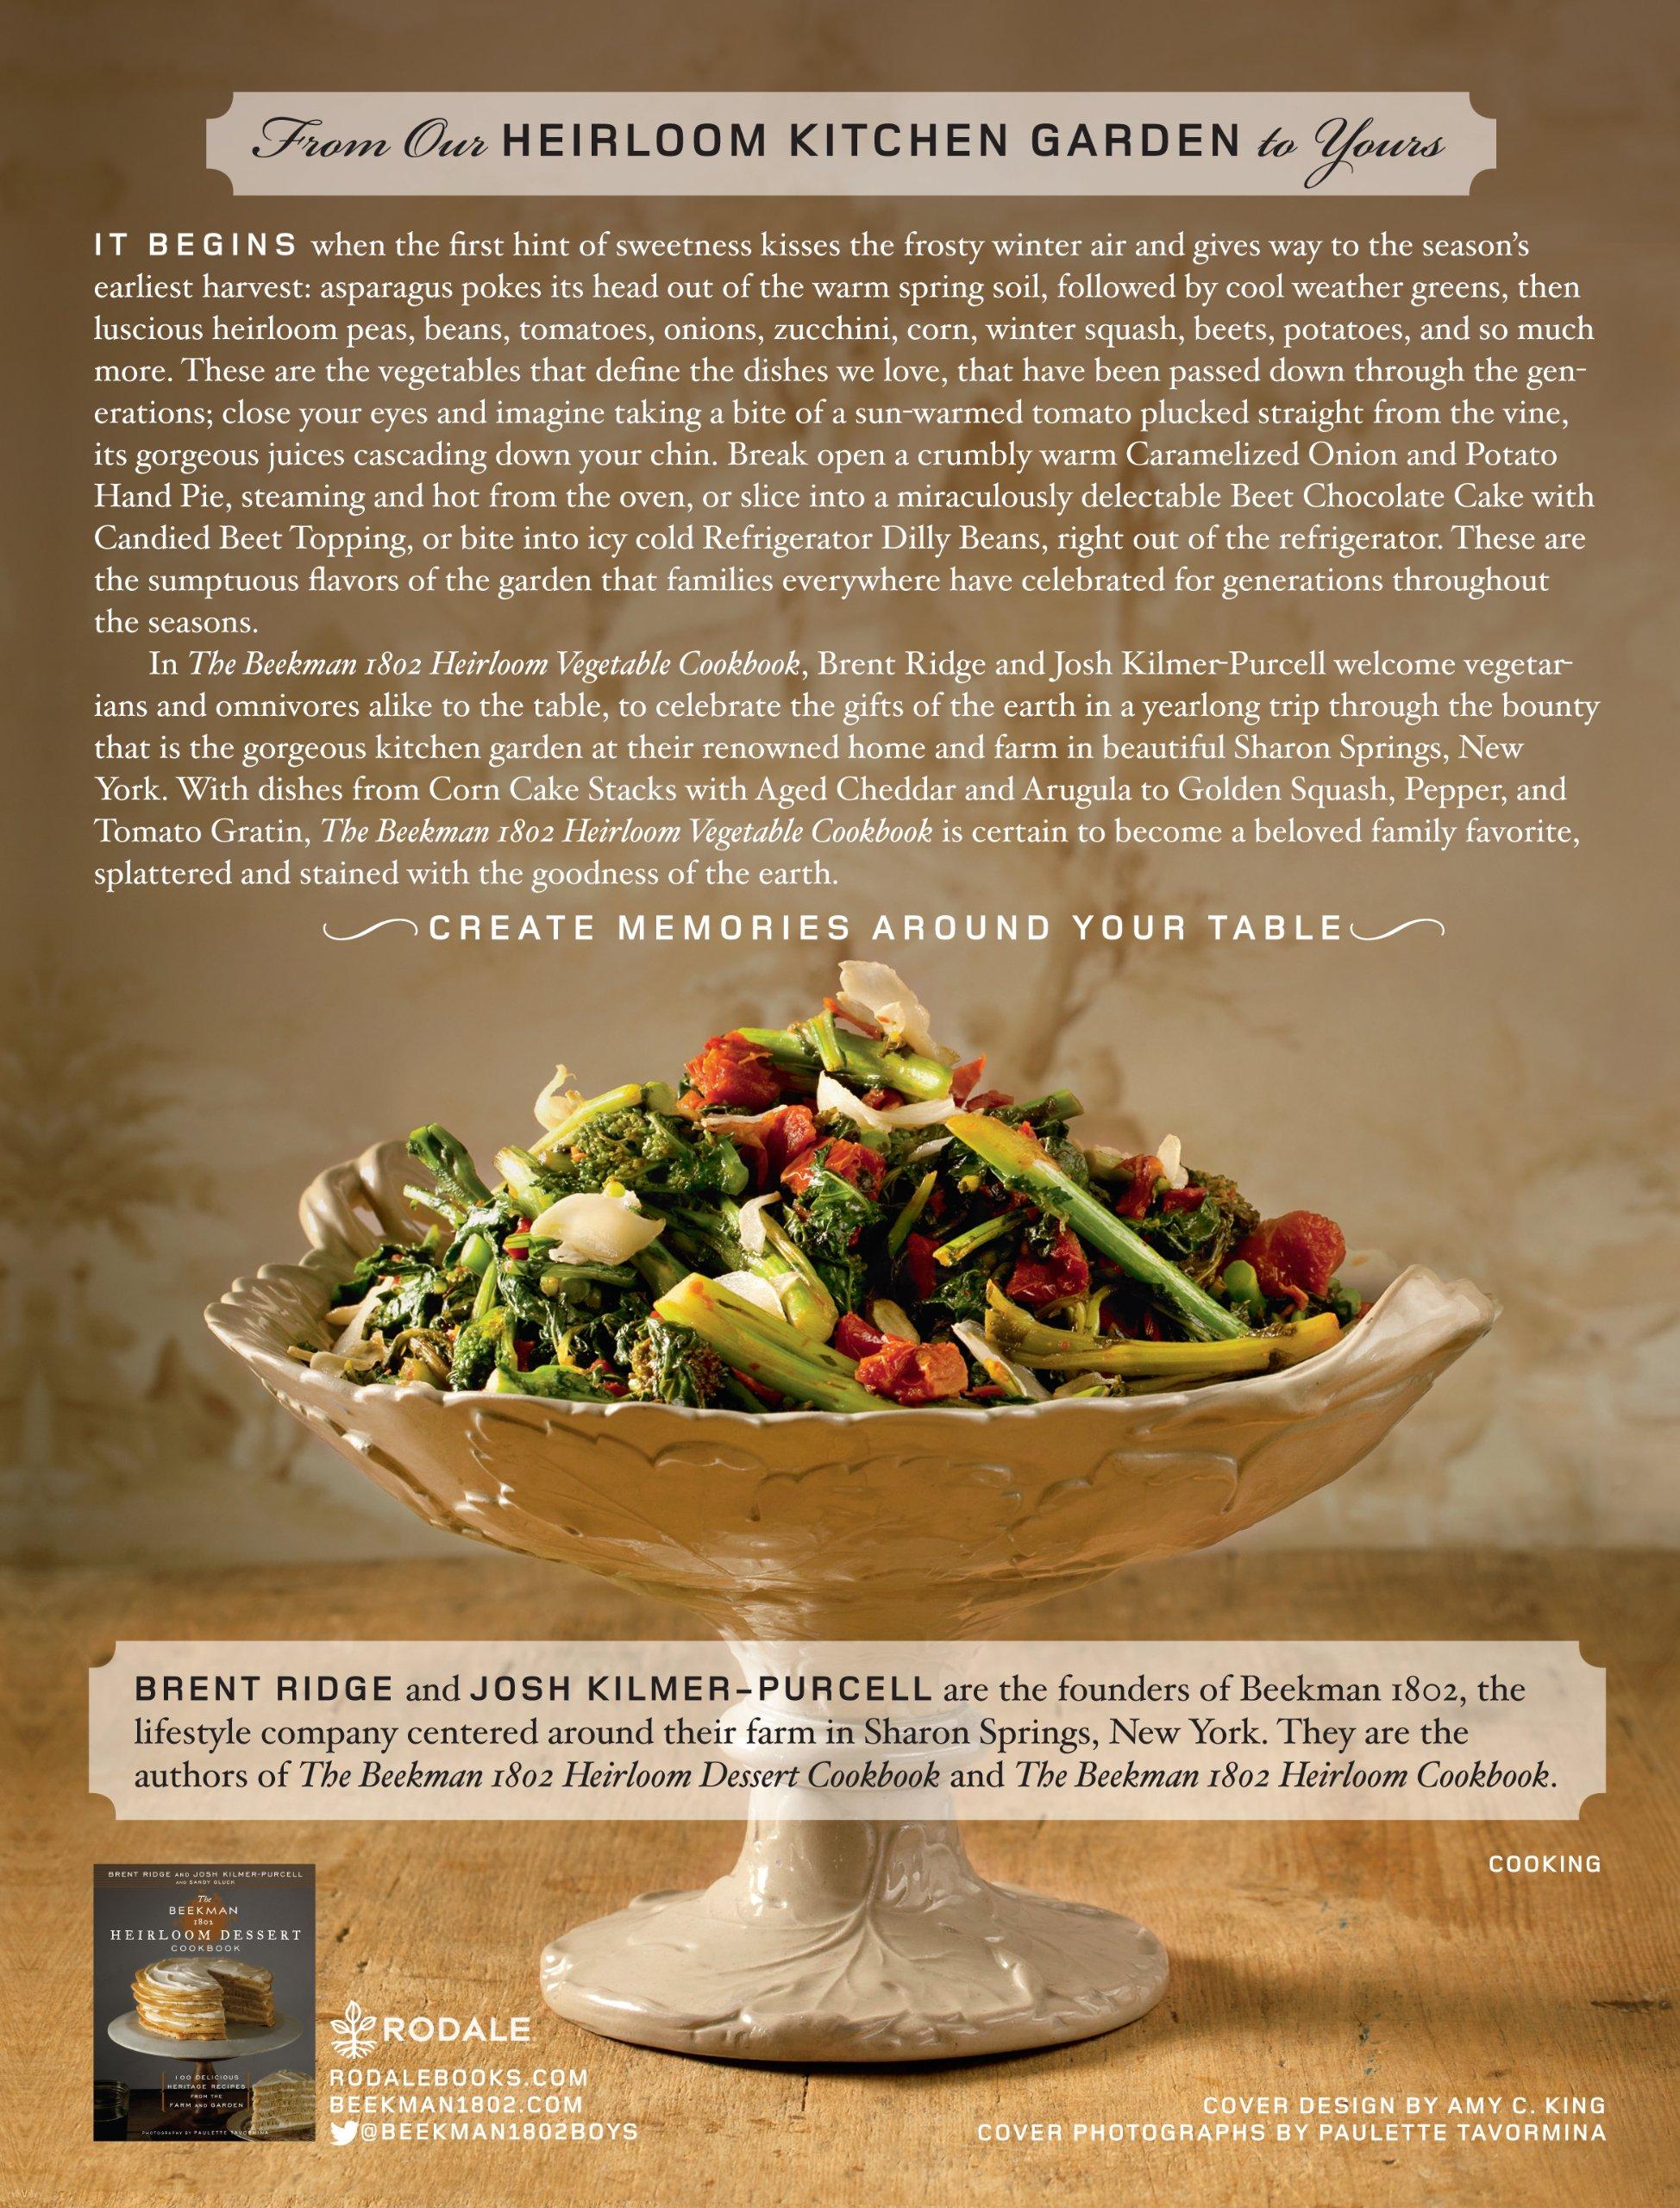 Kitchen Garden Cookbook The Beekman 1802 Heirloom Vegetable Cookbook 100 Delicious